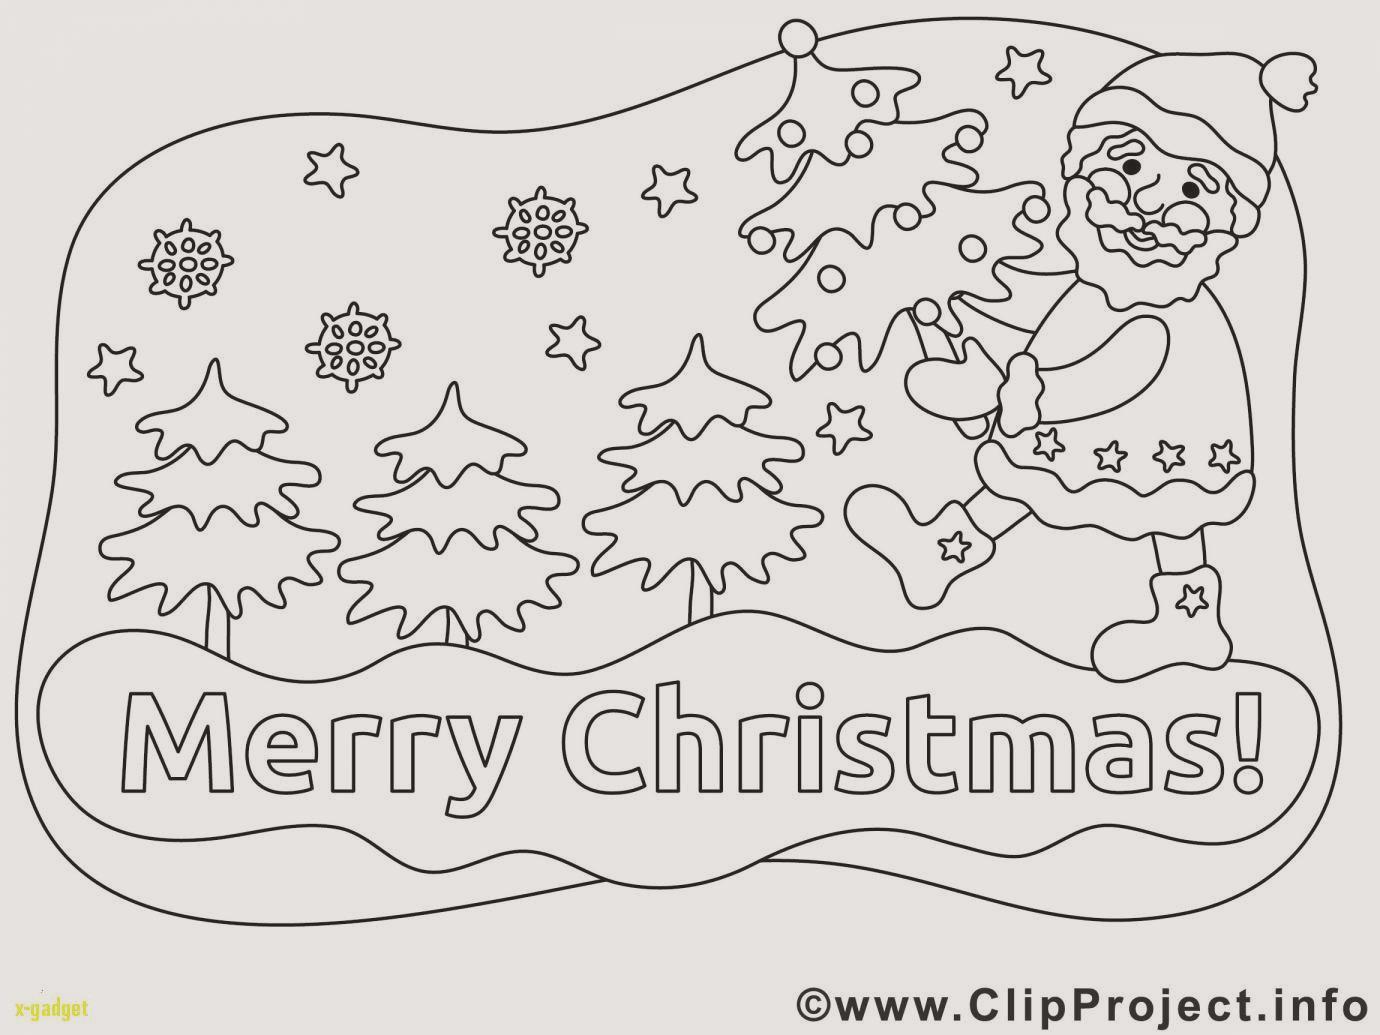 Ausmalbilder Weihnachten Christbaum Einzigartig Weihnachts Malvorlagen Zum Ausdrucken Ausmalbild Weihnachten Bild